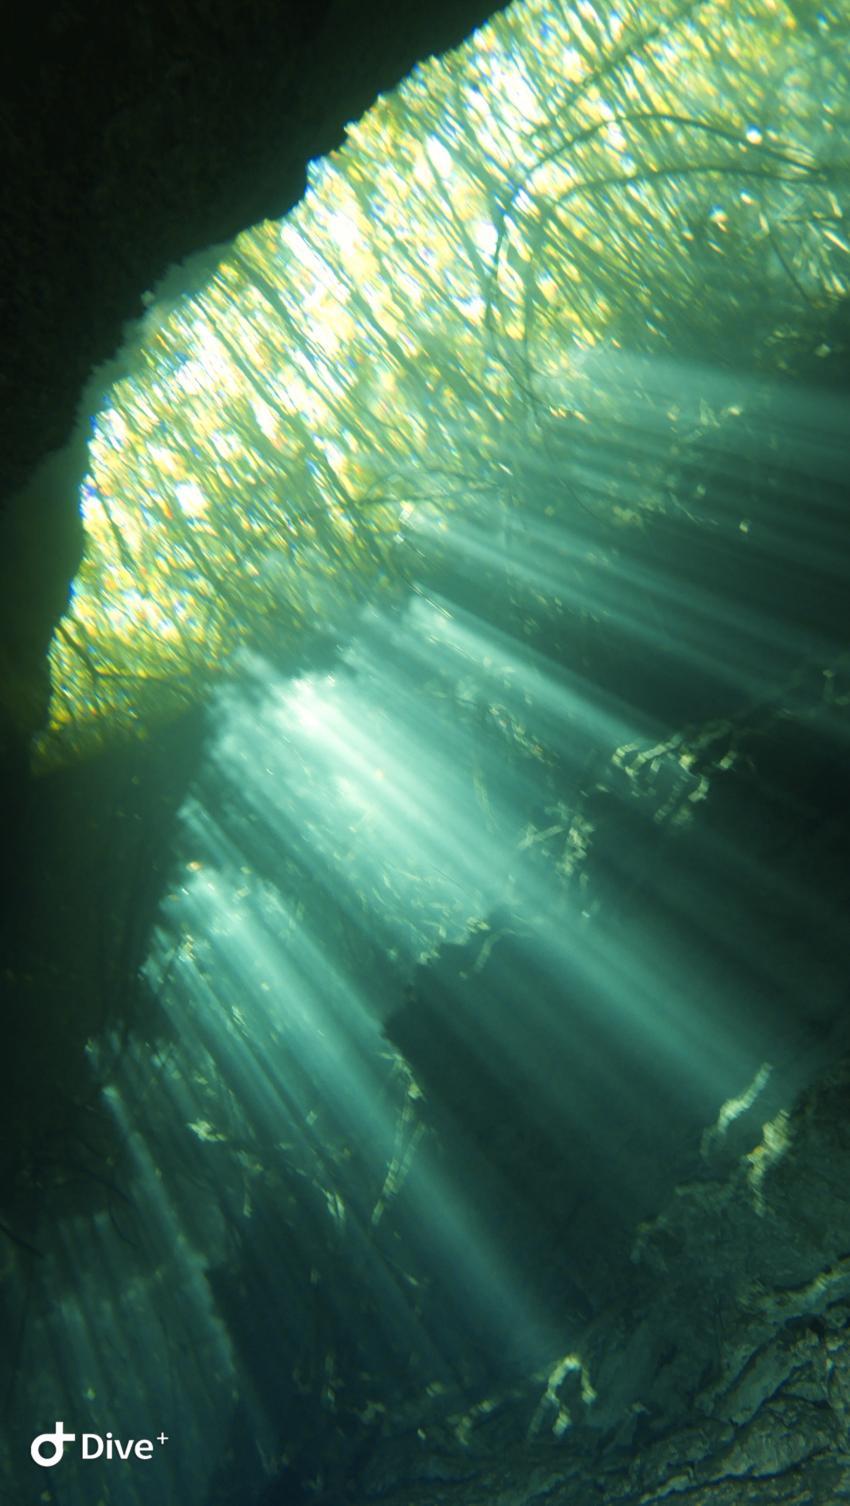 Höhlen-/Cenoten Tauchen